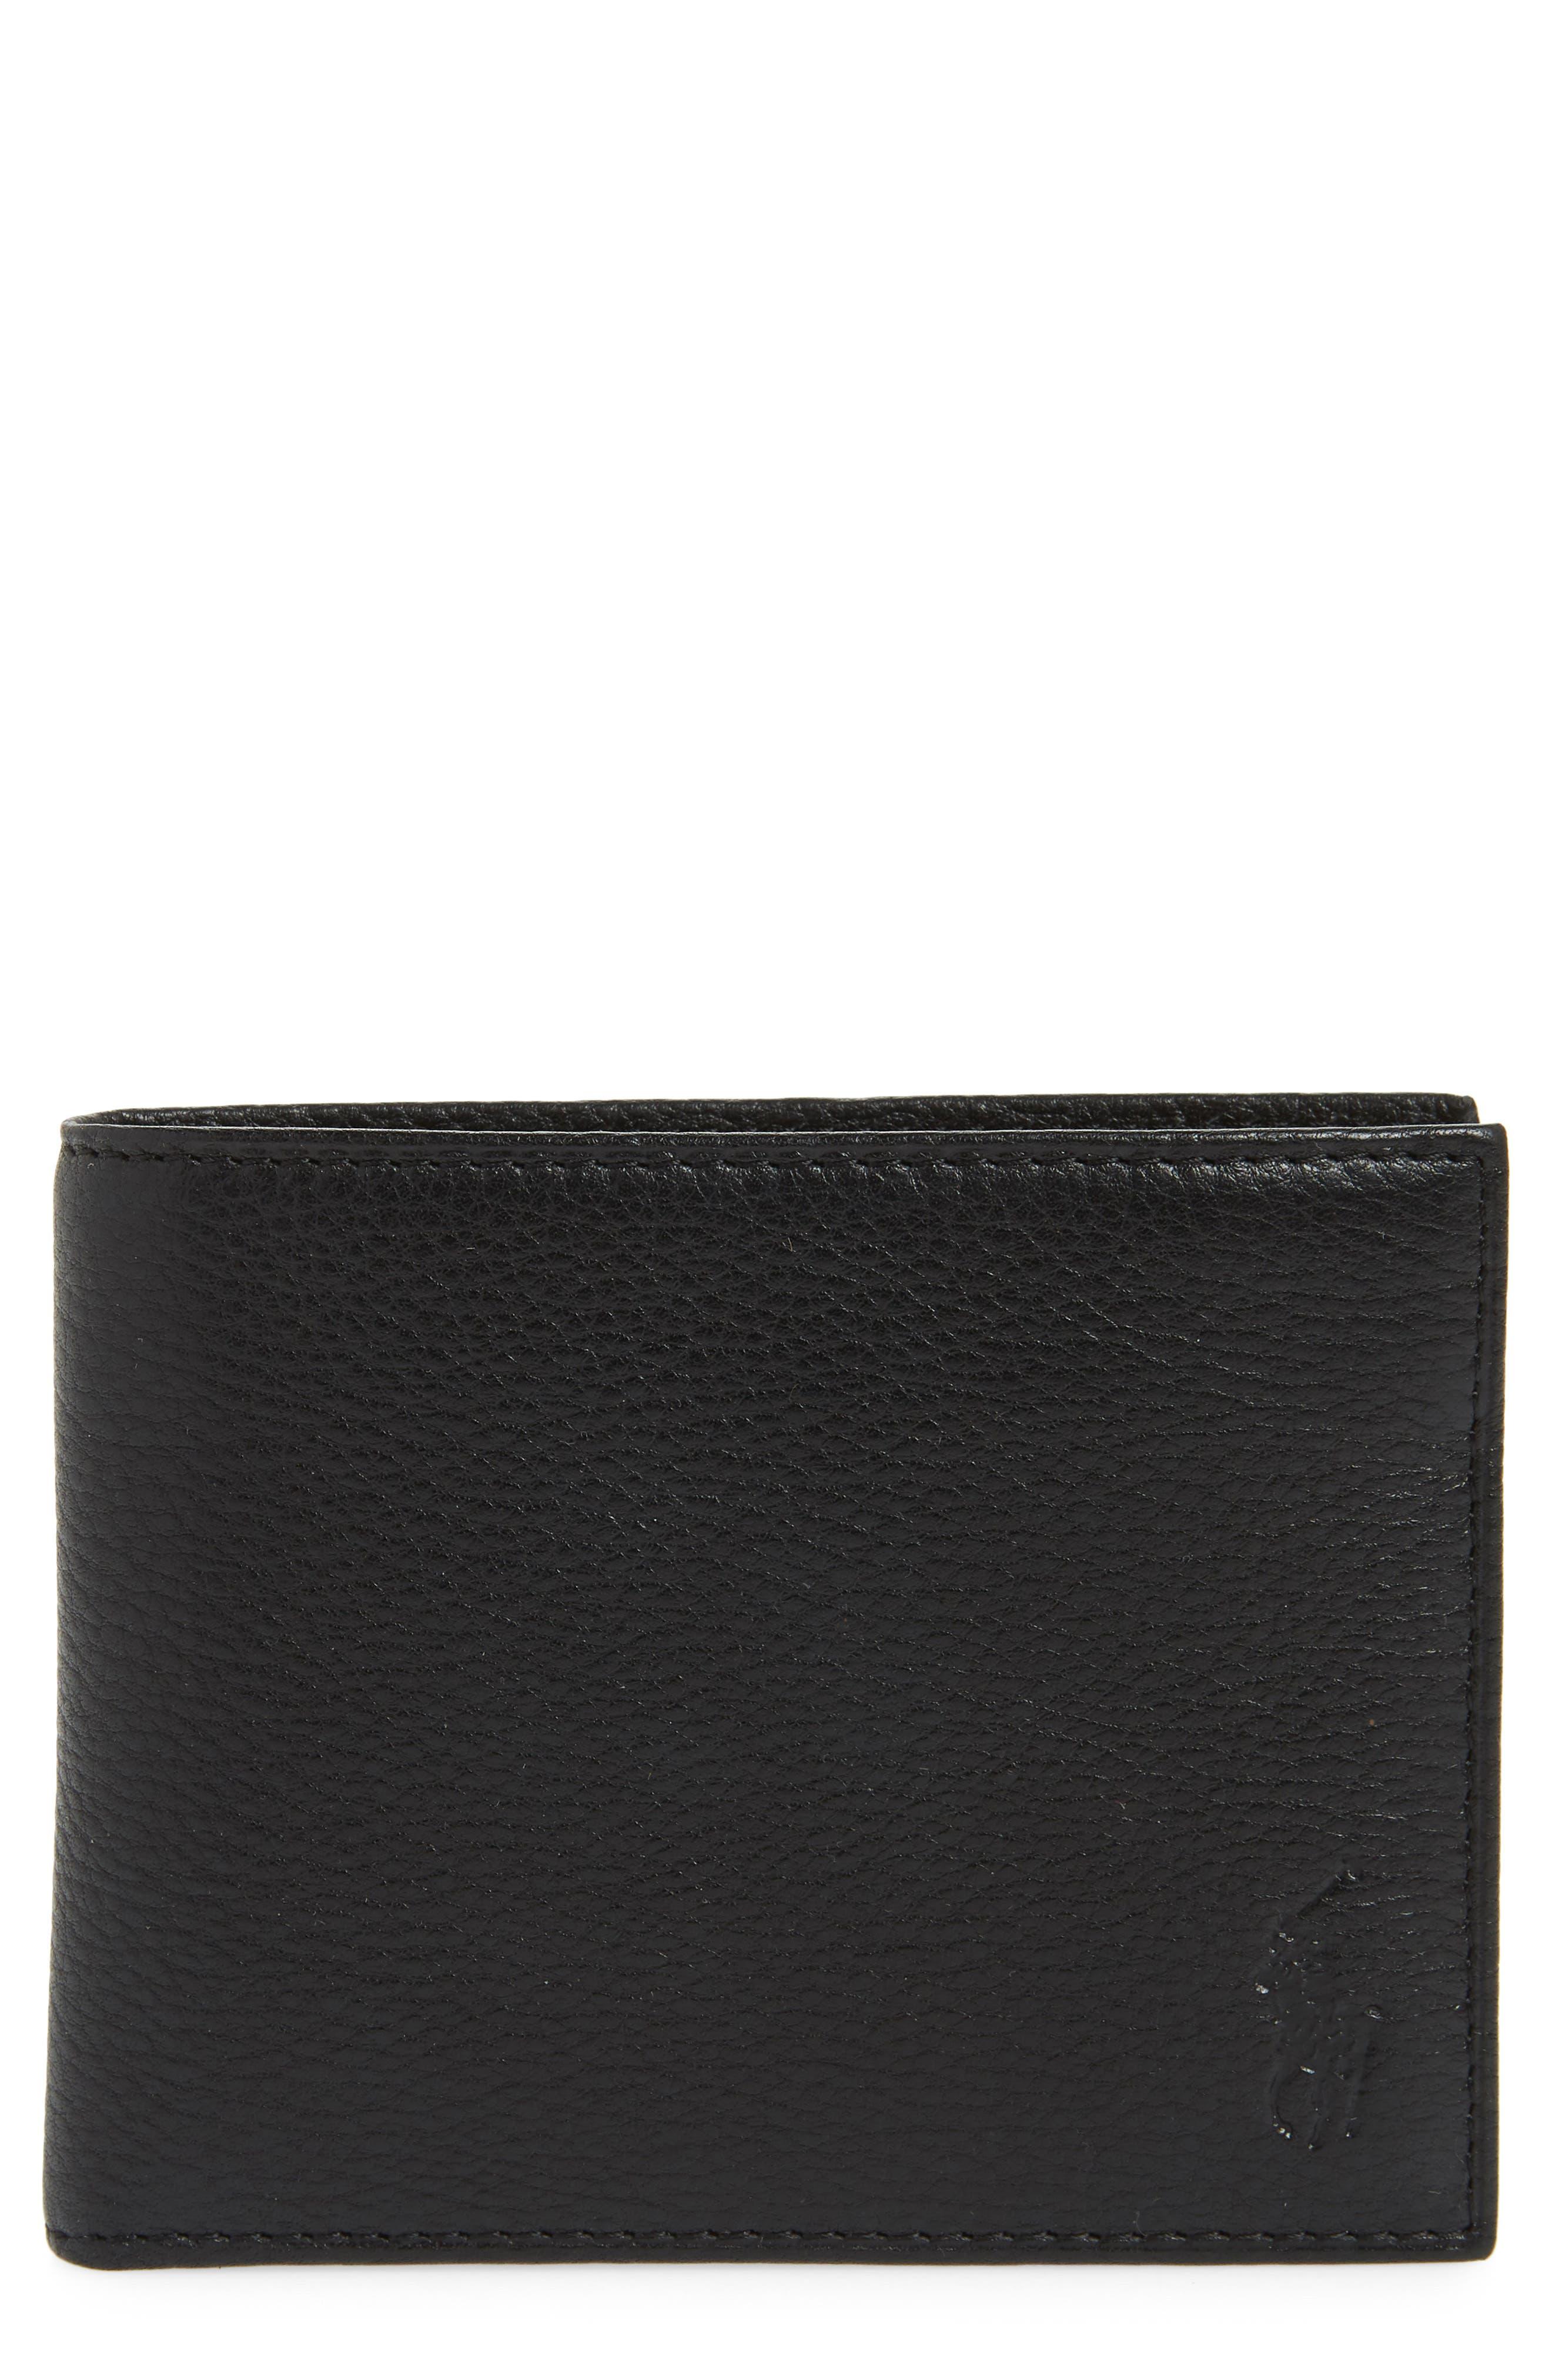 POLO RALPH LAUREN Leather Passcase Wallet, Main, color, BLACK